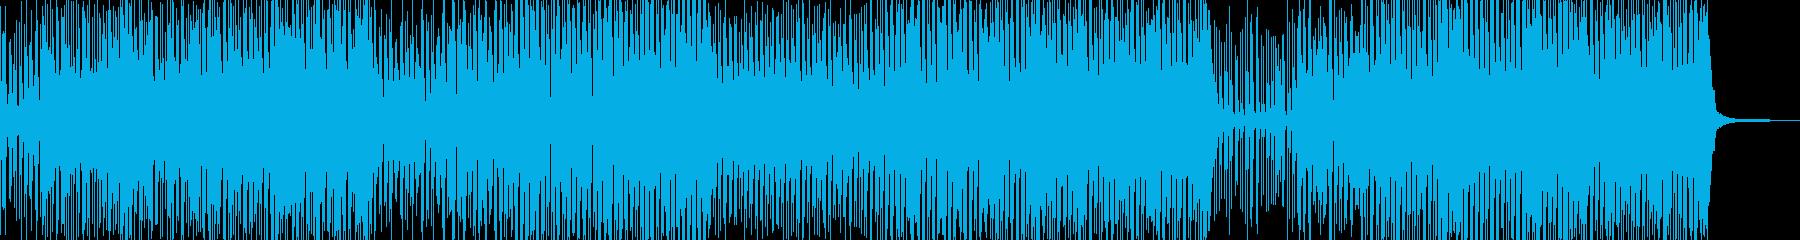 一発芸・三味線&和太鼓の宴ポップ 軽快の再生済みの波形